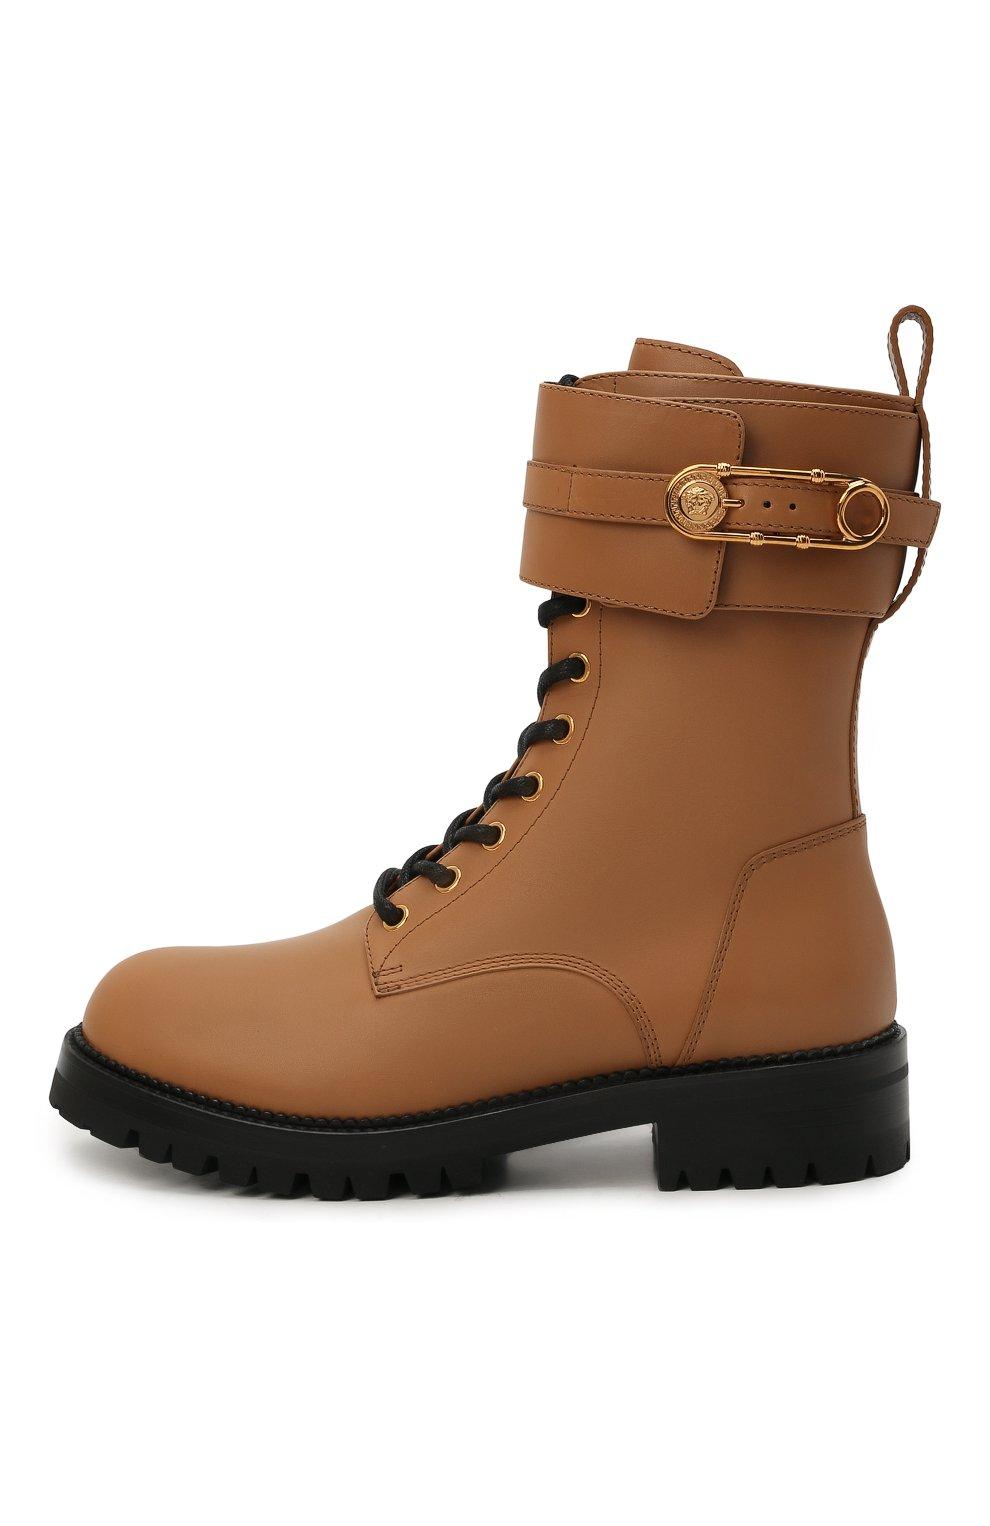 Женские кожаные ботинки VERSACE светло-коричневого цвета, арт. DST419E/DVTA3 | Фото 3 (Подошва: Платформа; Каблук высота: Низкий; Материал внутренний: Натуральная кожа; Женское Кросс-КТ: Байкеры-ботинки)